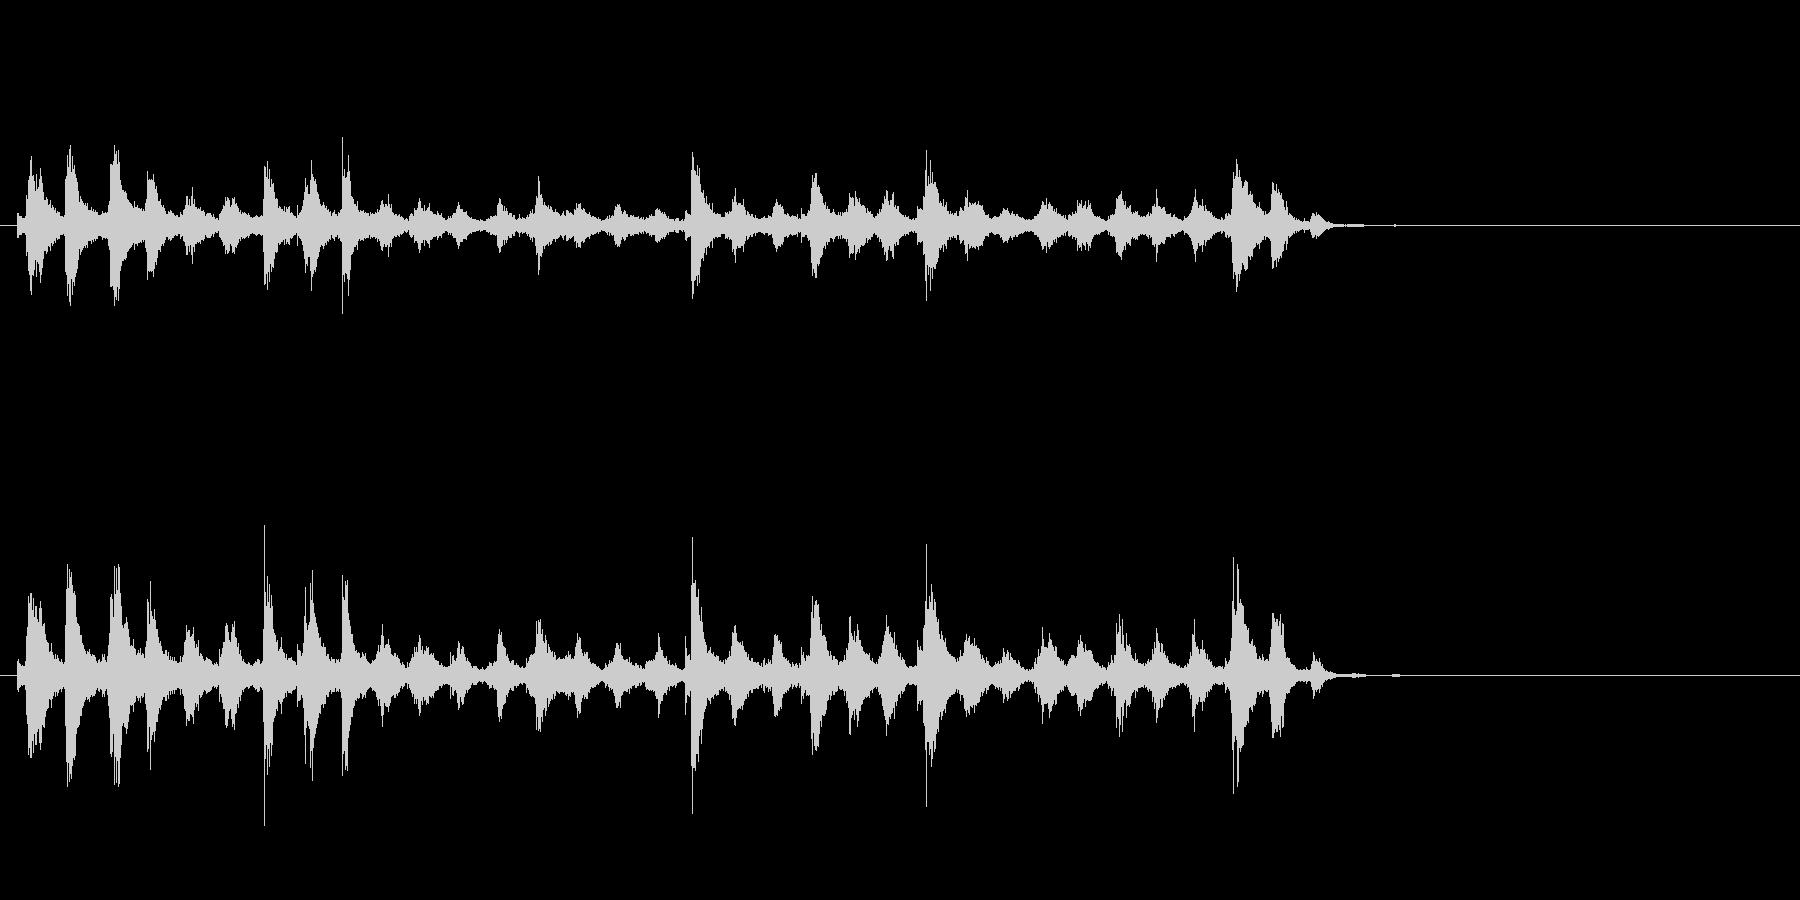 音侍「チャッパ」和製シンバルのフレーズ4の未再生の波形